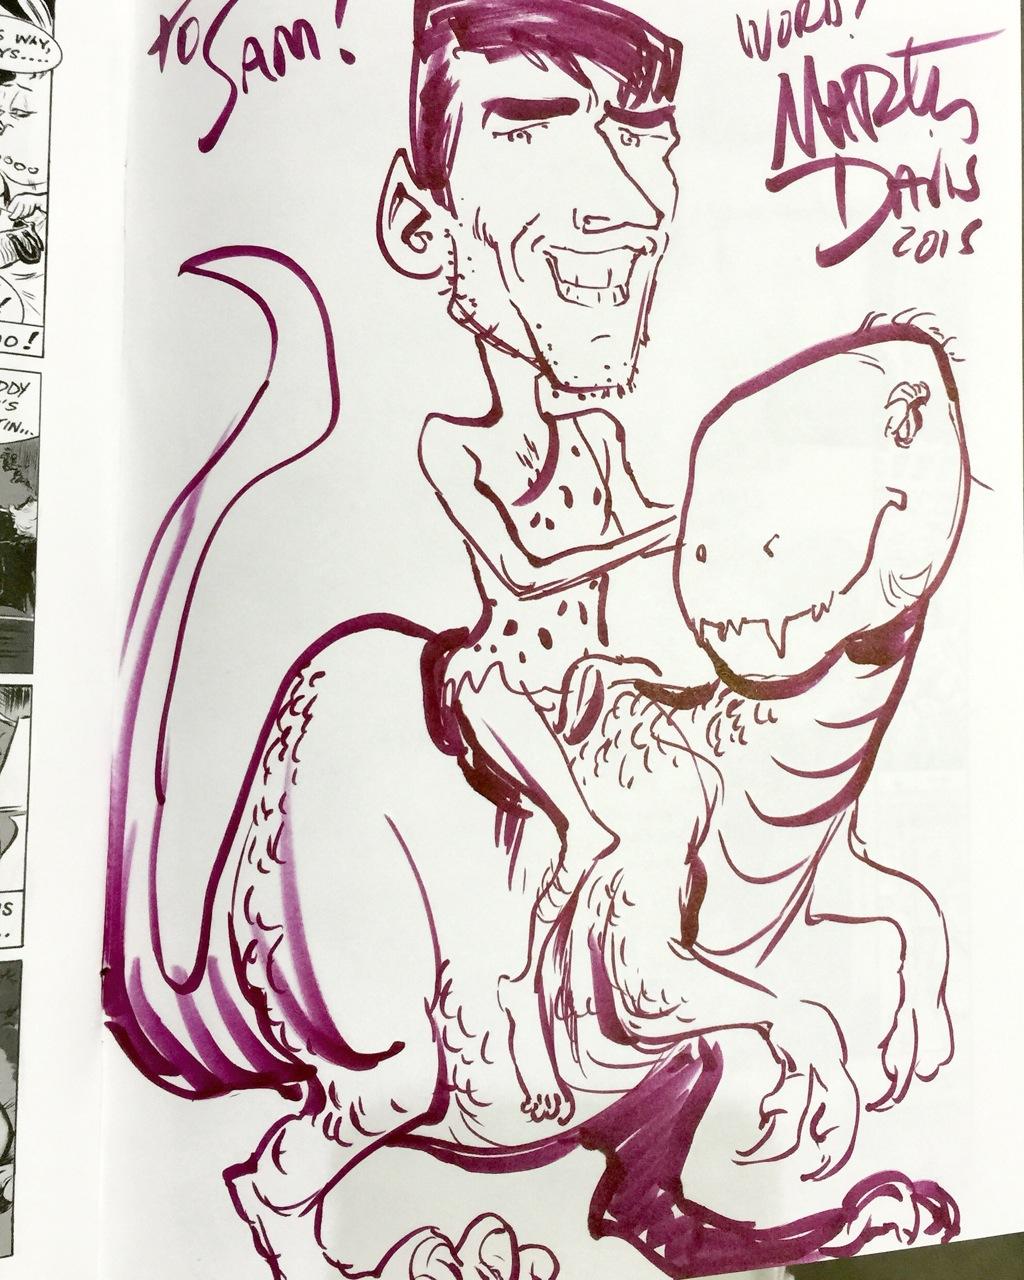 Sam-o-Raptor